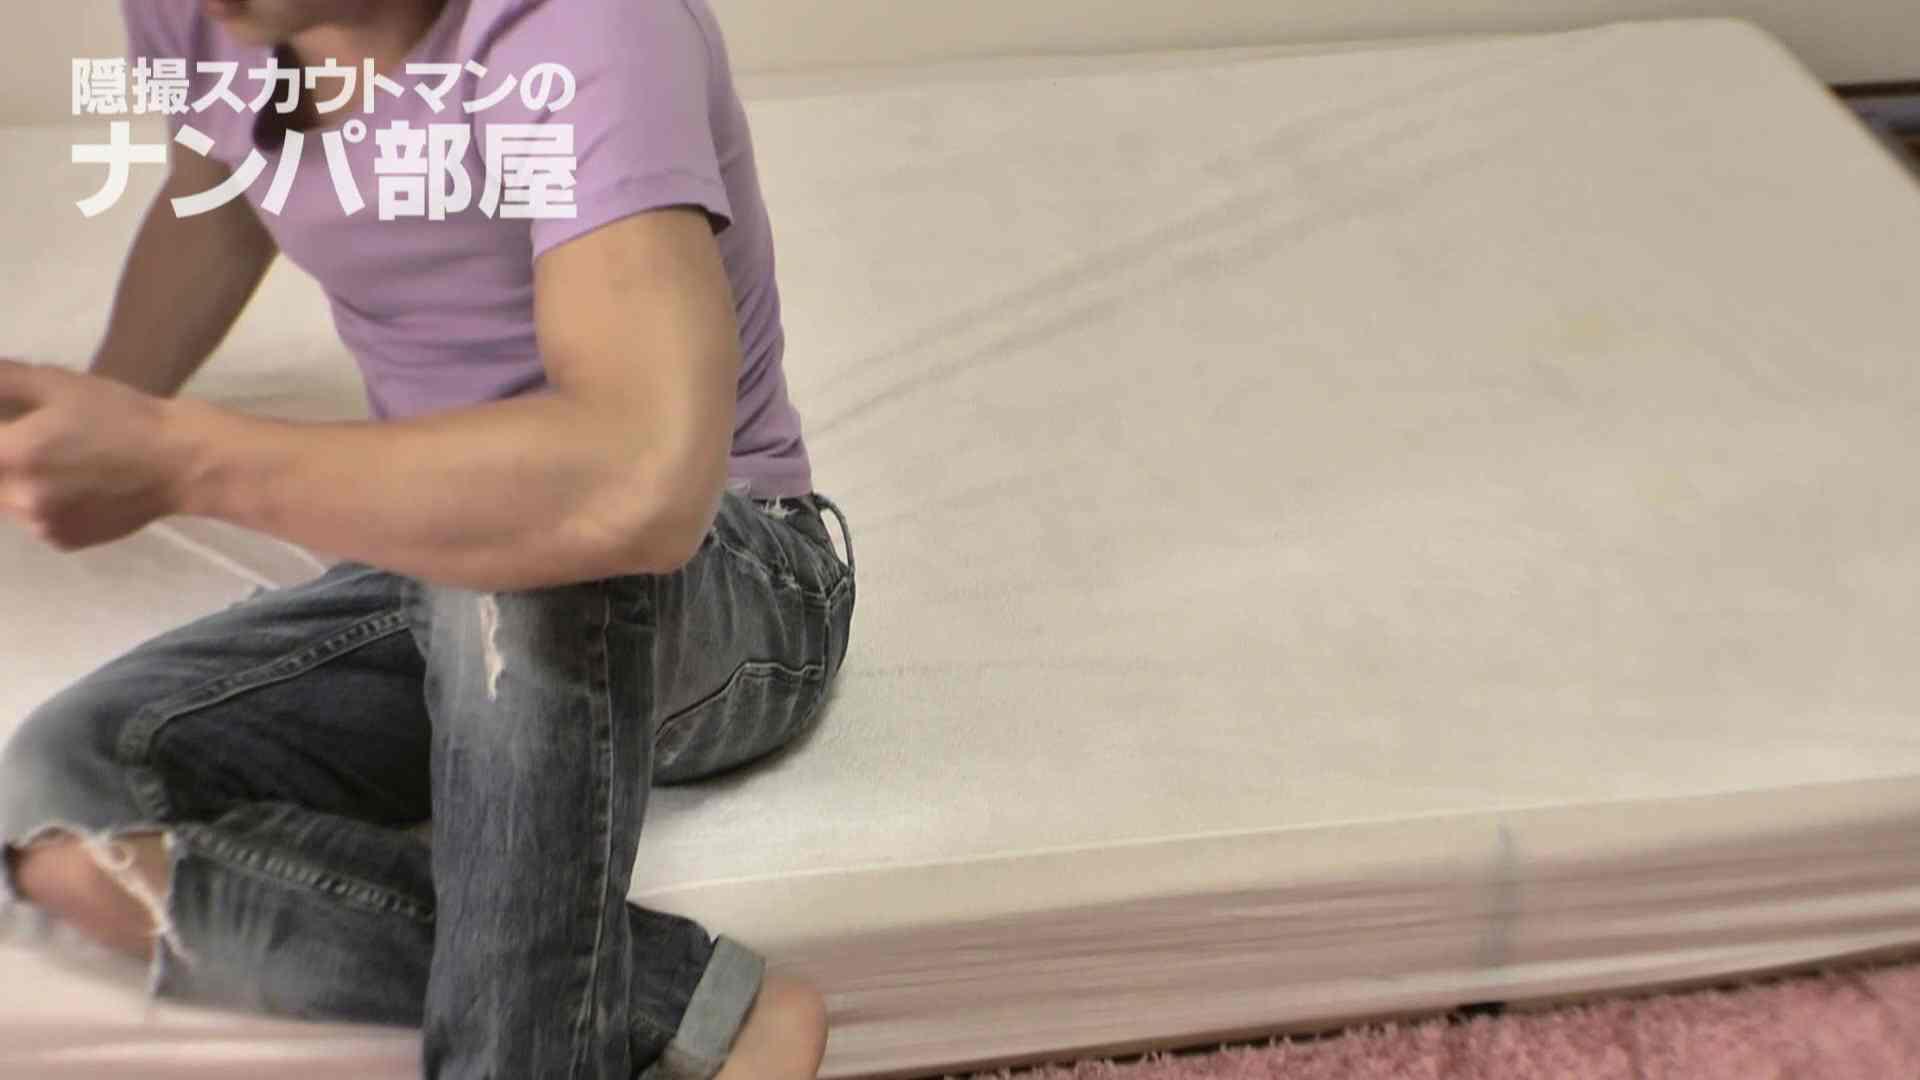 隠撮スカウトマンのナンパ部屋~風俗デビュー前のつまみ食い~ siivol.3 エッチなOL | ナンパ  74pic 25